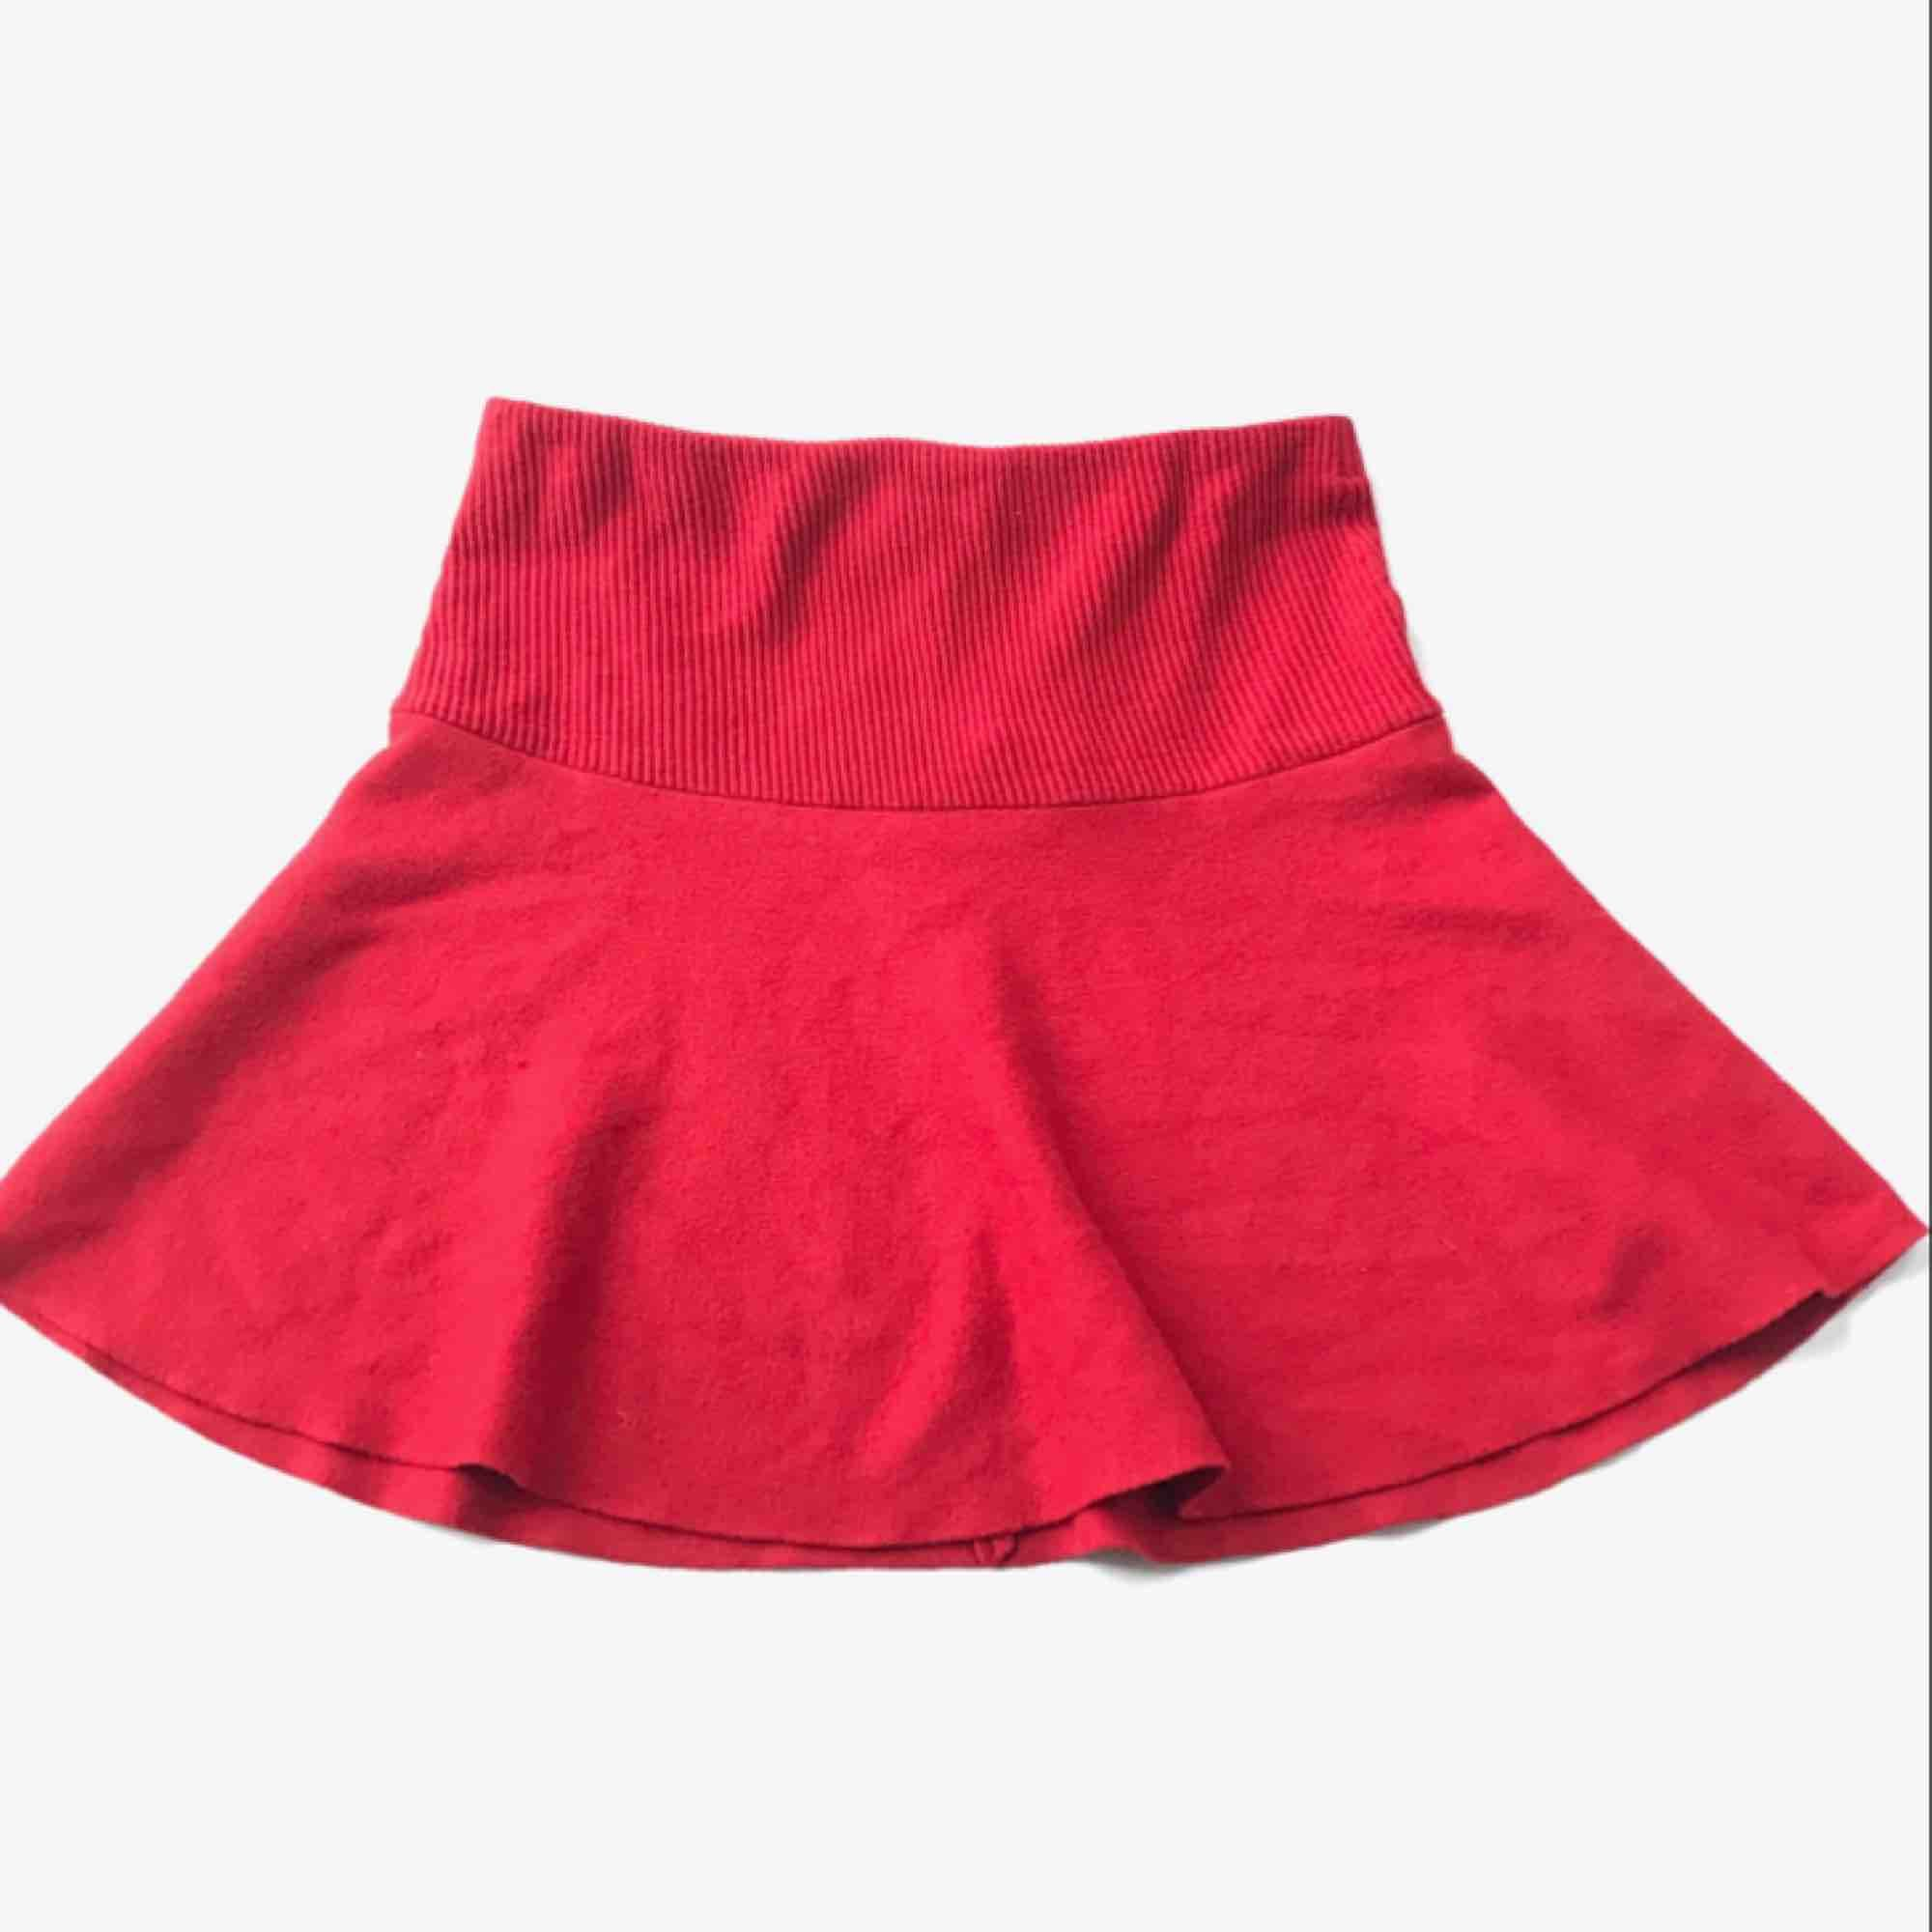 Kjol från Zara. Ordinarie pris ca 200-250kr. Använd fåtal gånger och är i mycket bra skick.   Mitt pris = 100kr. Kjolar.